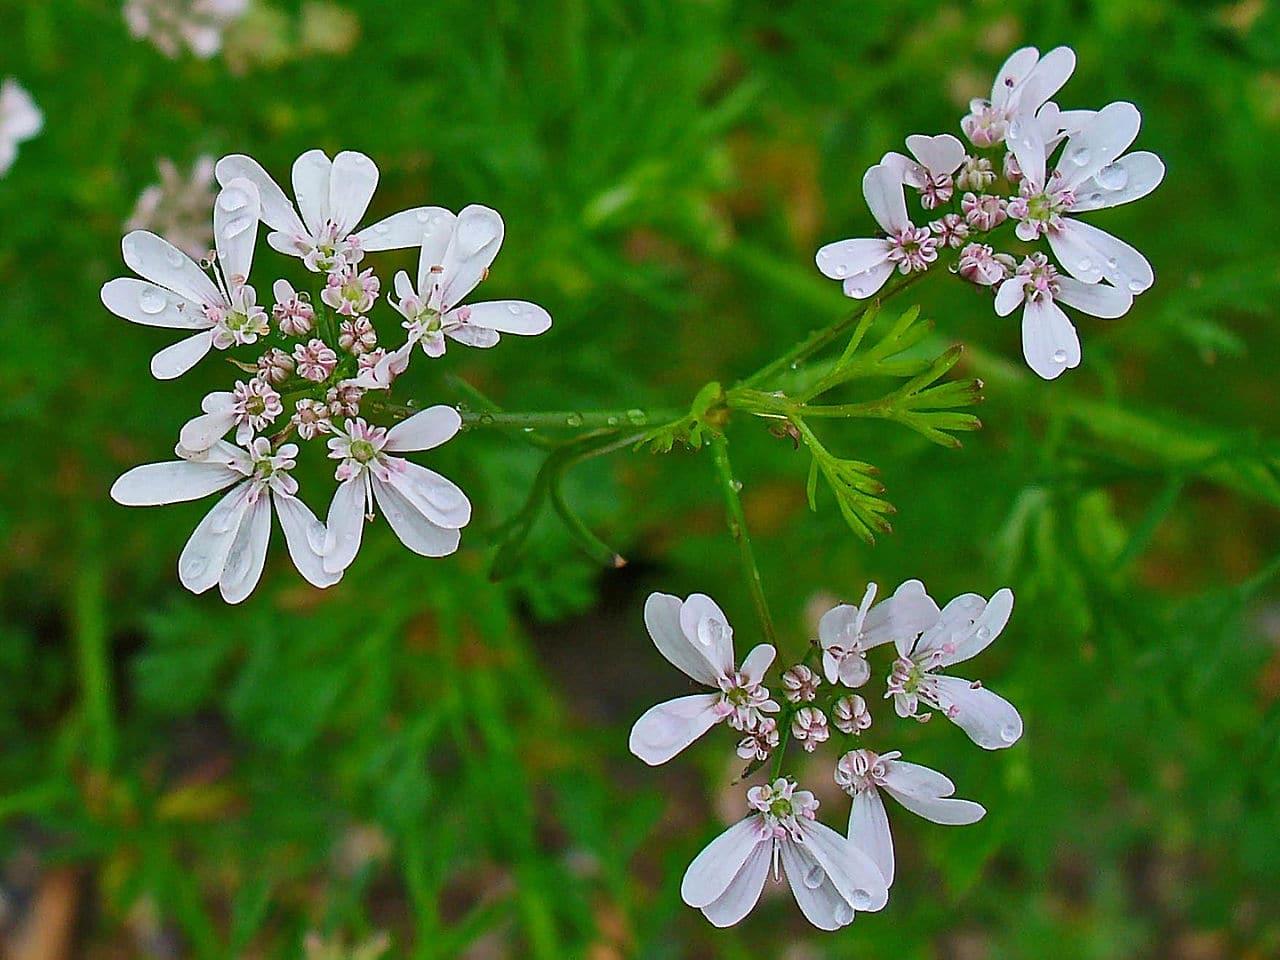 El coriandro es una planta herbácea